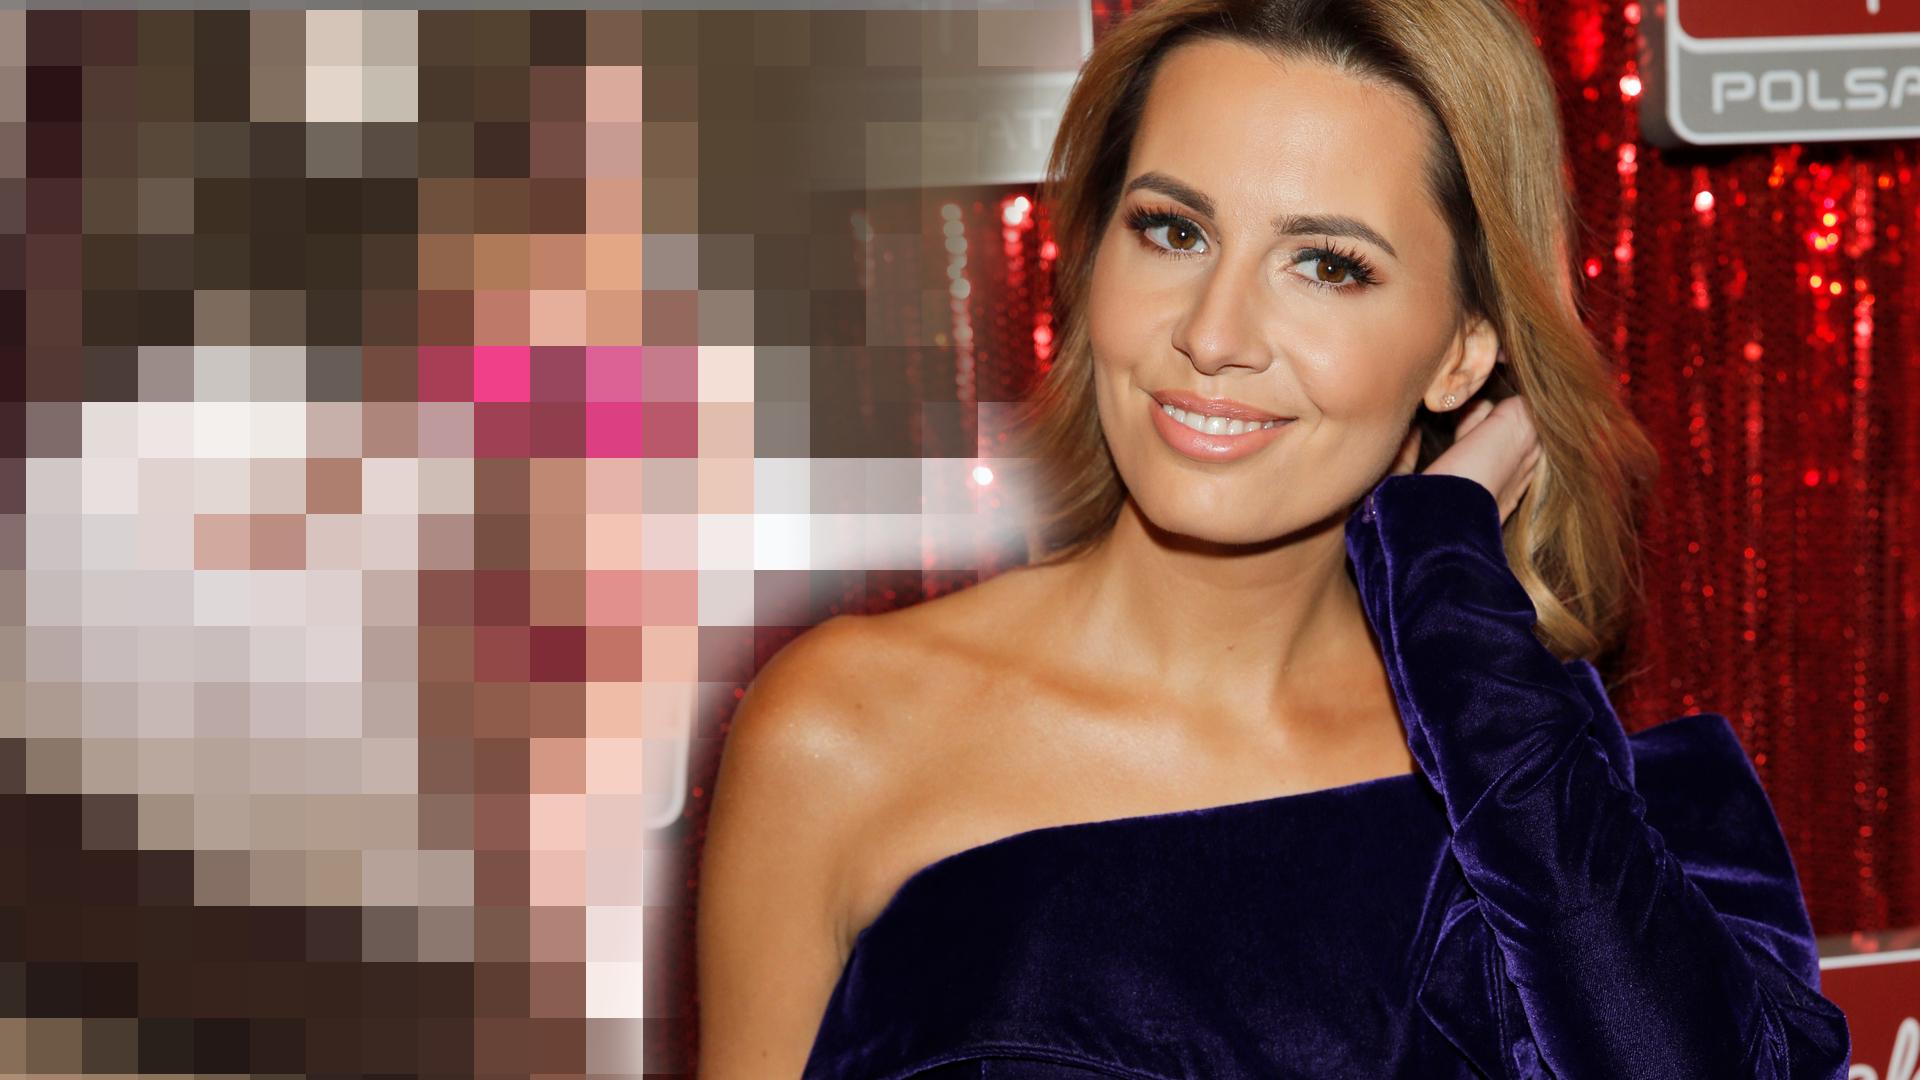 Agnieszka Hyży paraduje w BIKINI: Ciało bogini!